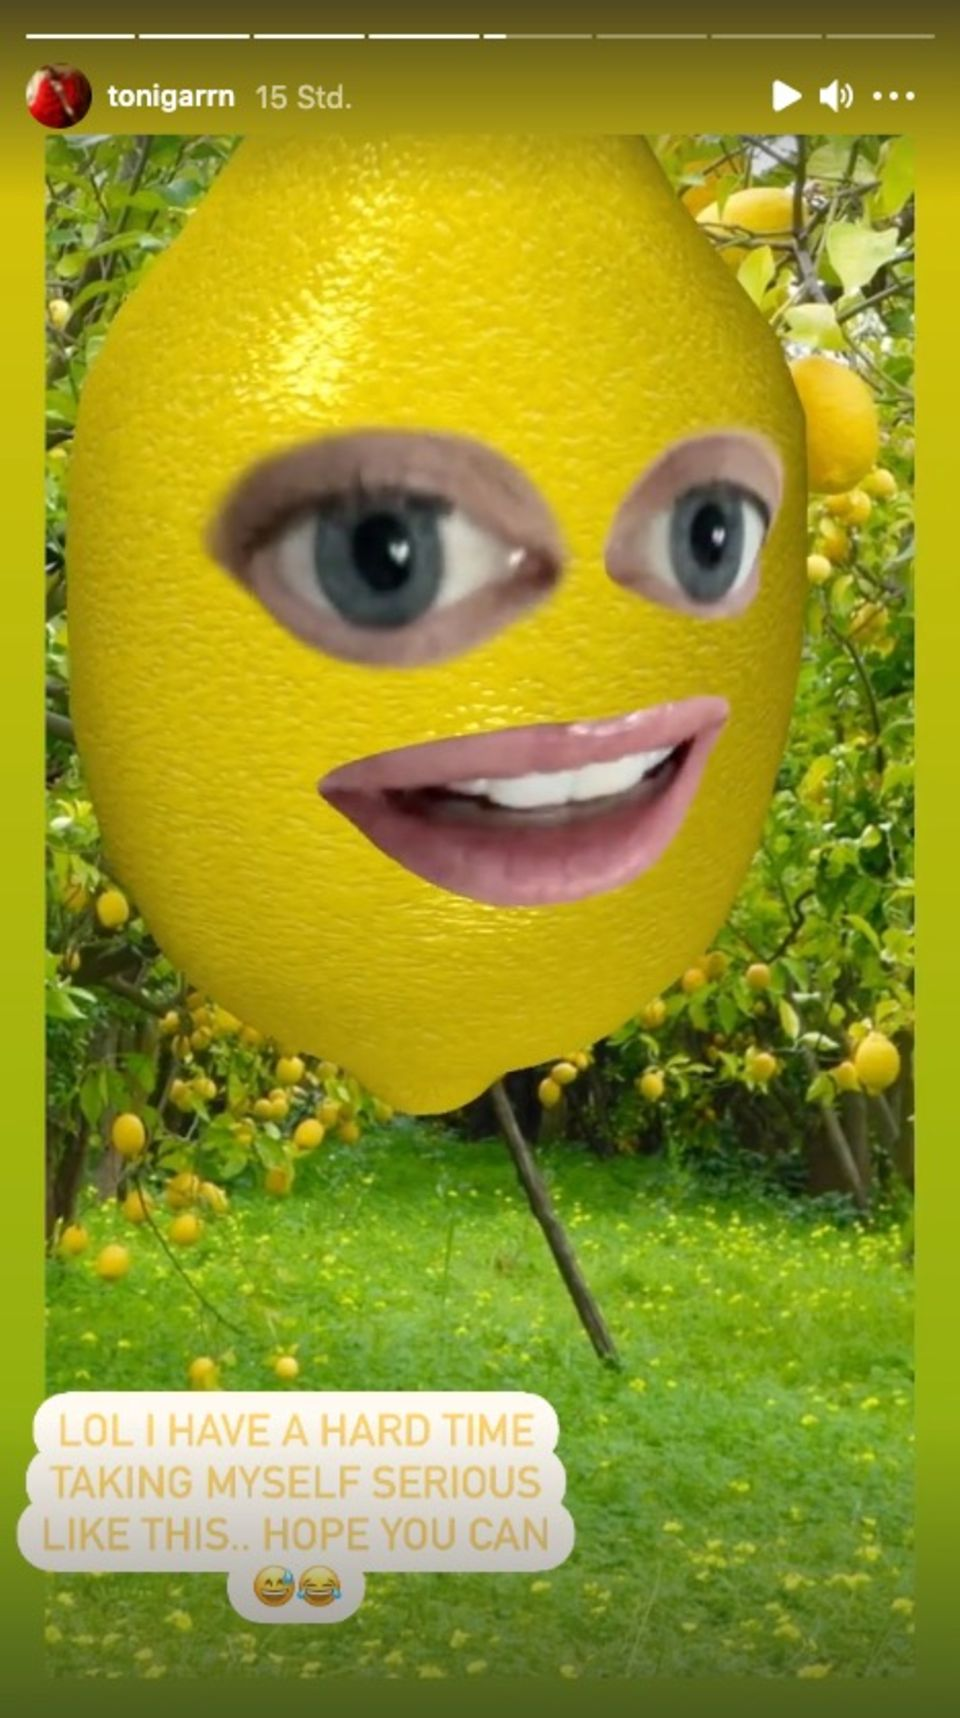 Toni Garrn meldet sich in Form einer Zitrone bei ihren Instagram-Follower:innen.